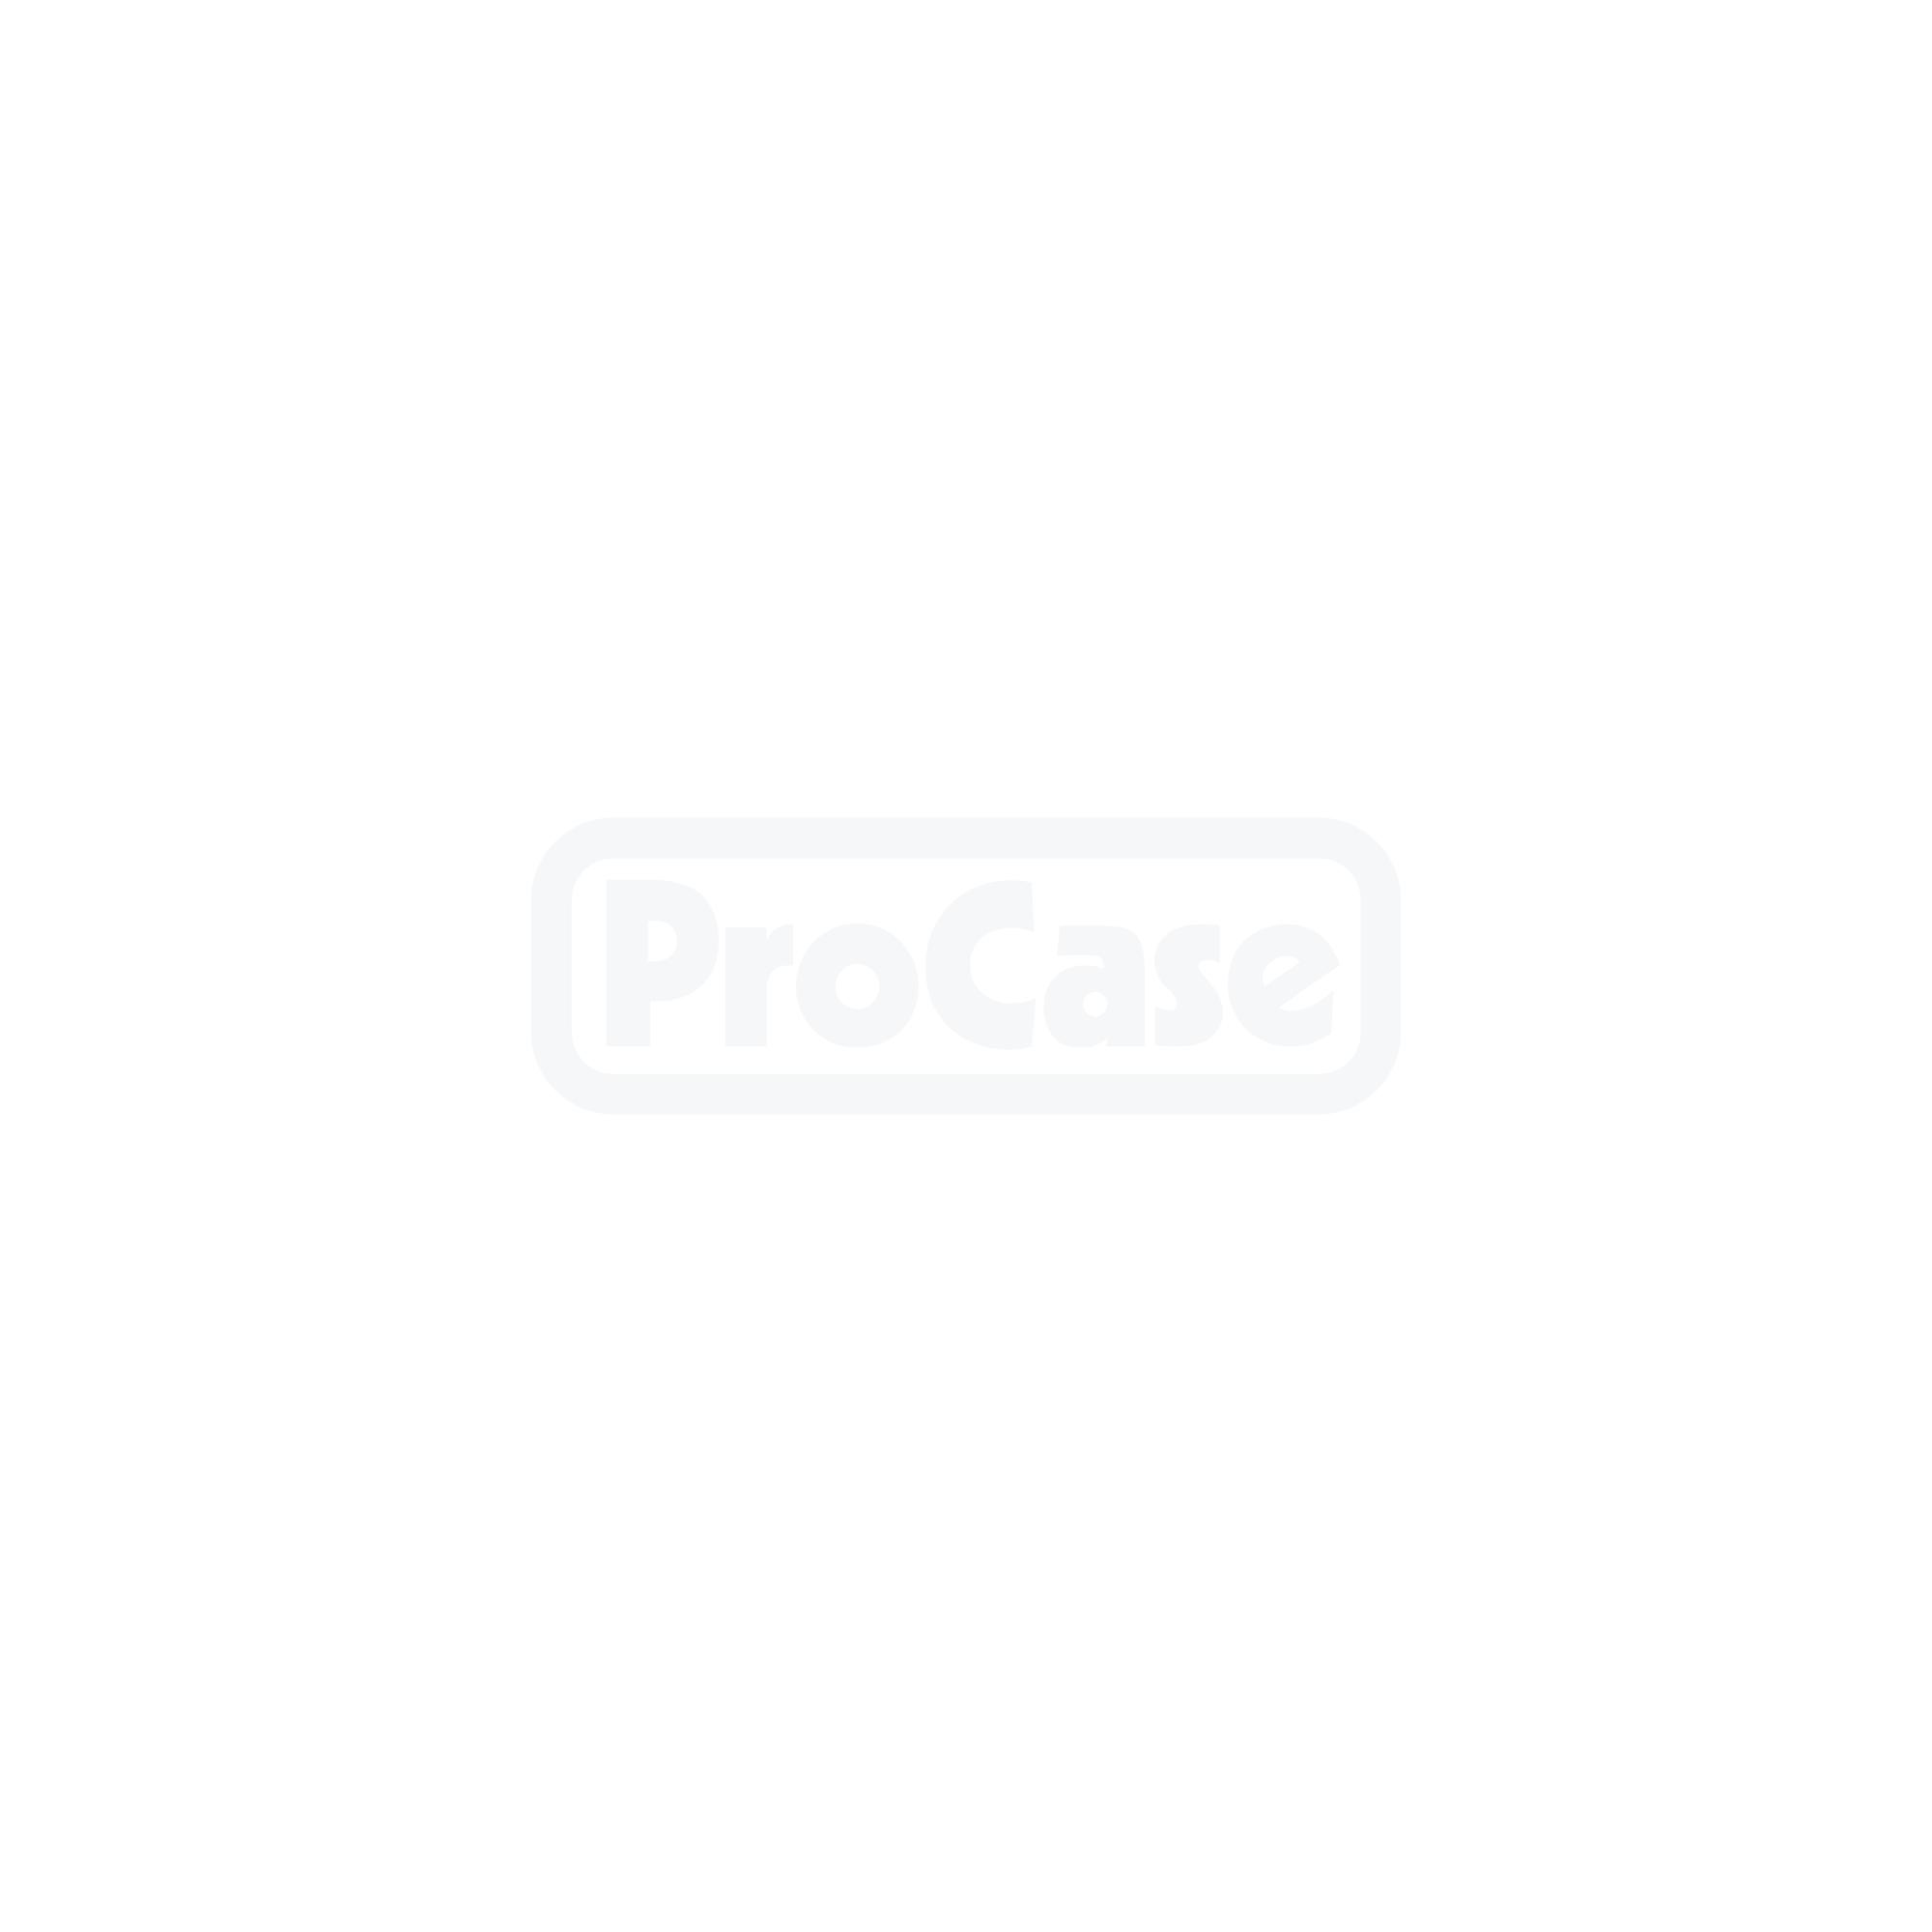 Flipcase für Allen&Heath dLive C1500 mit CDM32 2